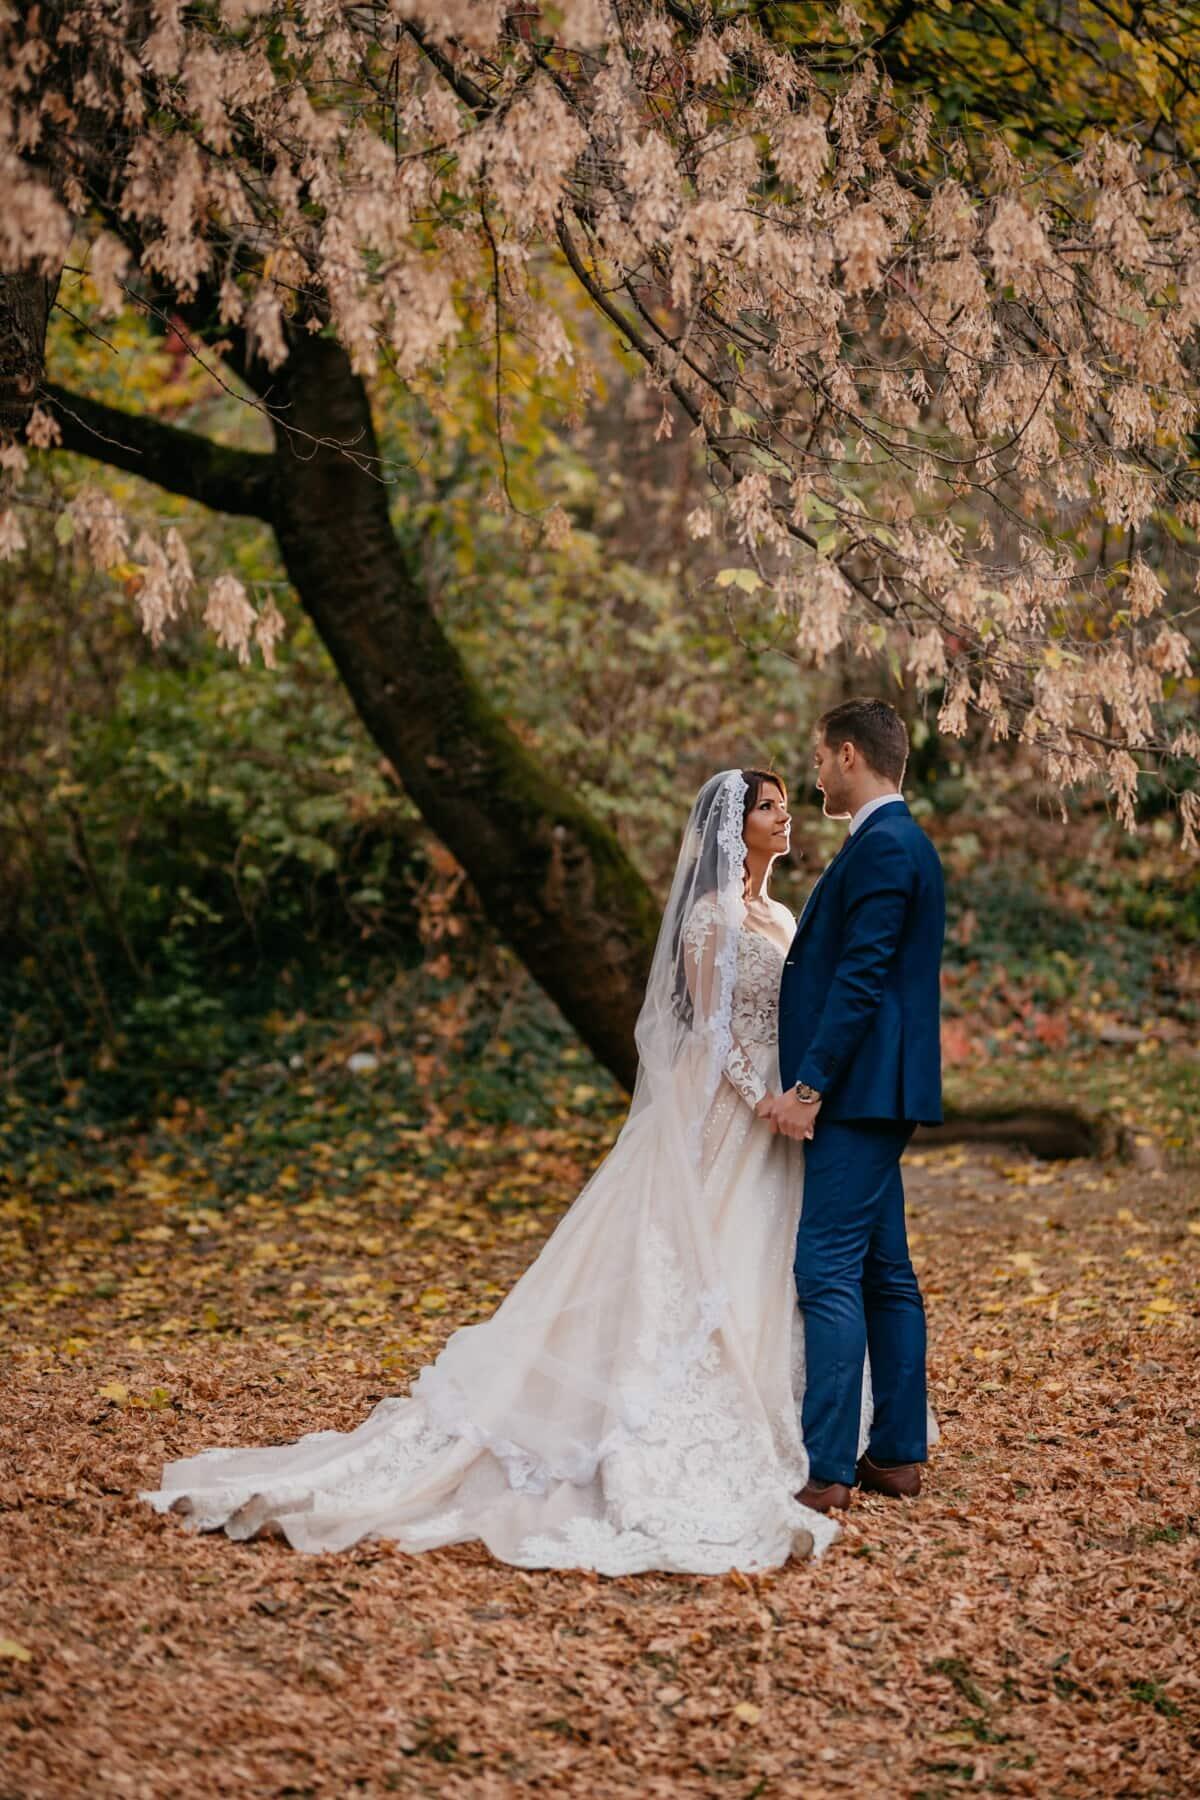 novia, pie, novio, Otoño, árbol, ramas, tomados de la mano, bosque, boda, chica